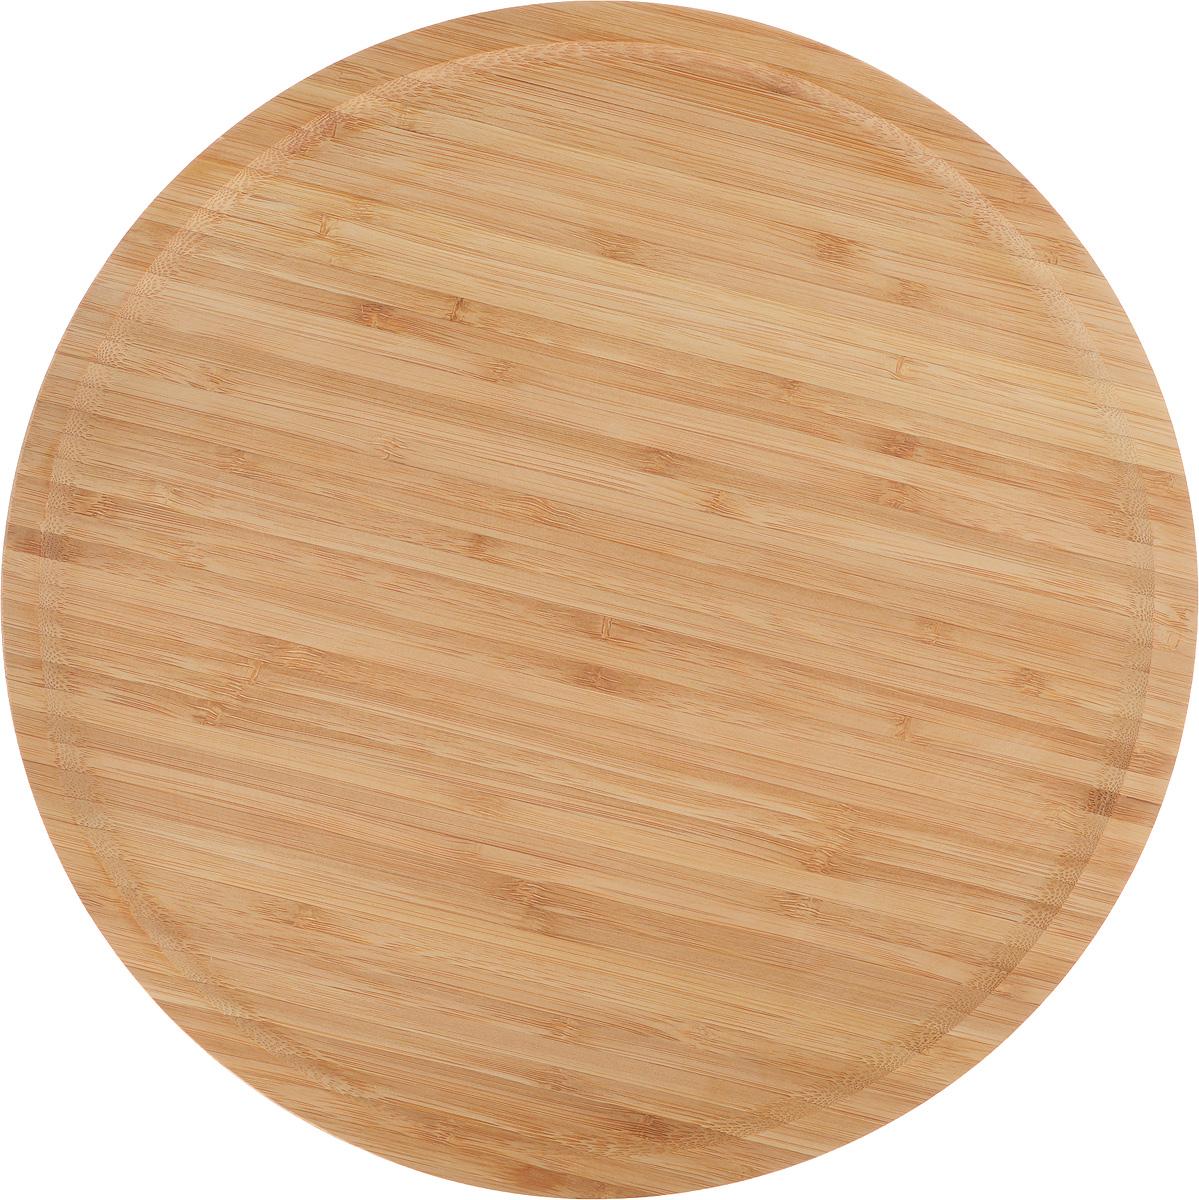 Доска для пиццы Kesper, диаметр 32 см. 5846-35846-3Доска для пиццы Kesper изготовлена из каучукового твердого дерева. Бортик позволяет пицце не соскальзывать с поверхности. Удобна в употреблении.Подходит как для домашнего использования, так и для профессиональных точек общепита.Такая доска станет отличным приобретением для вашей кухни.Диаметр доски: 32 см.